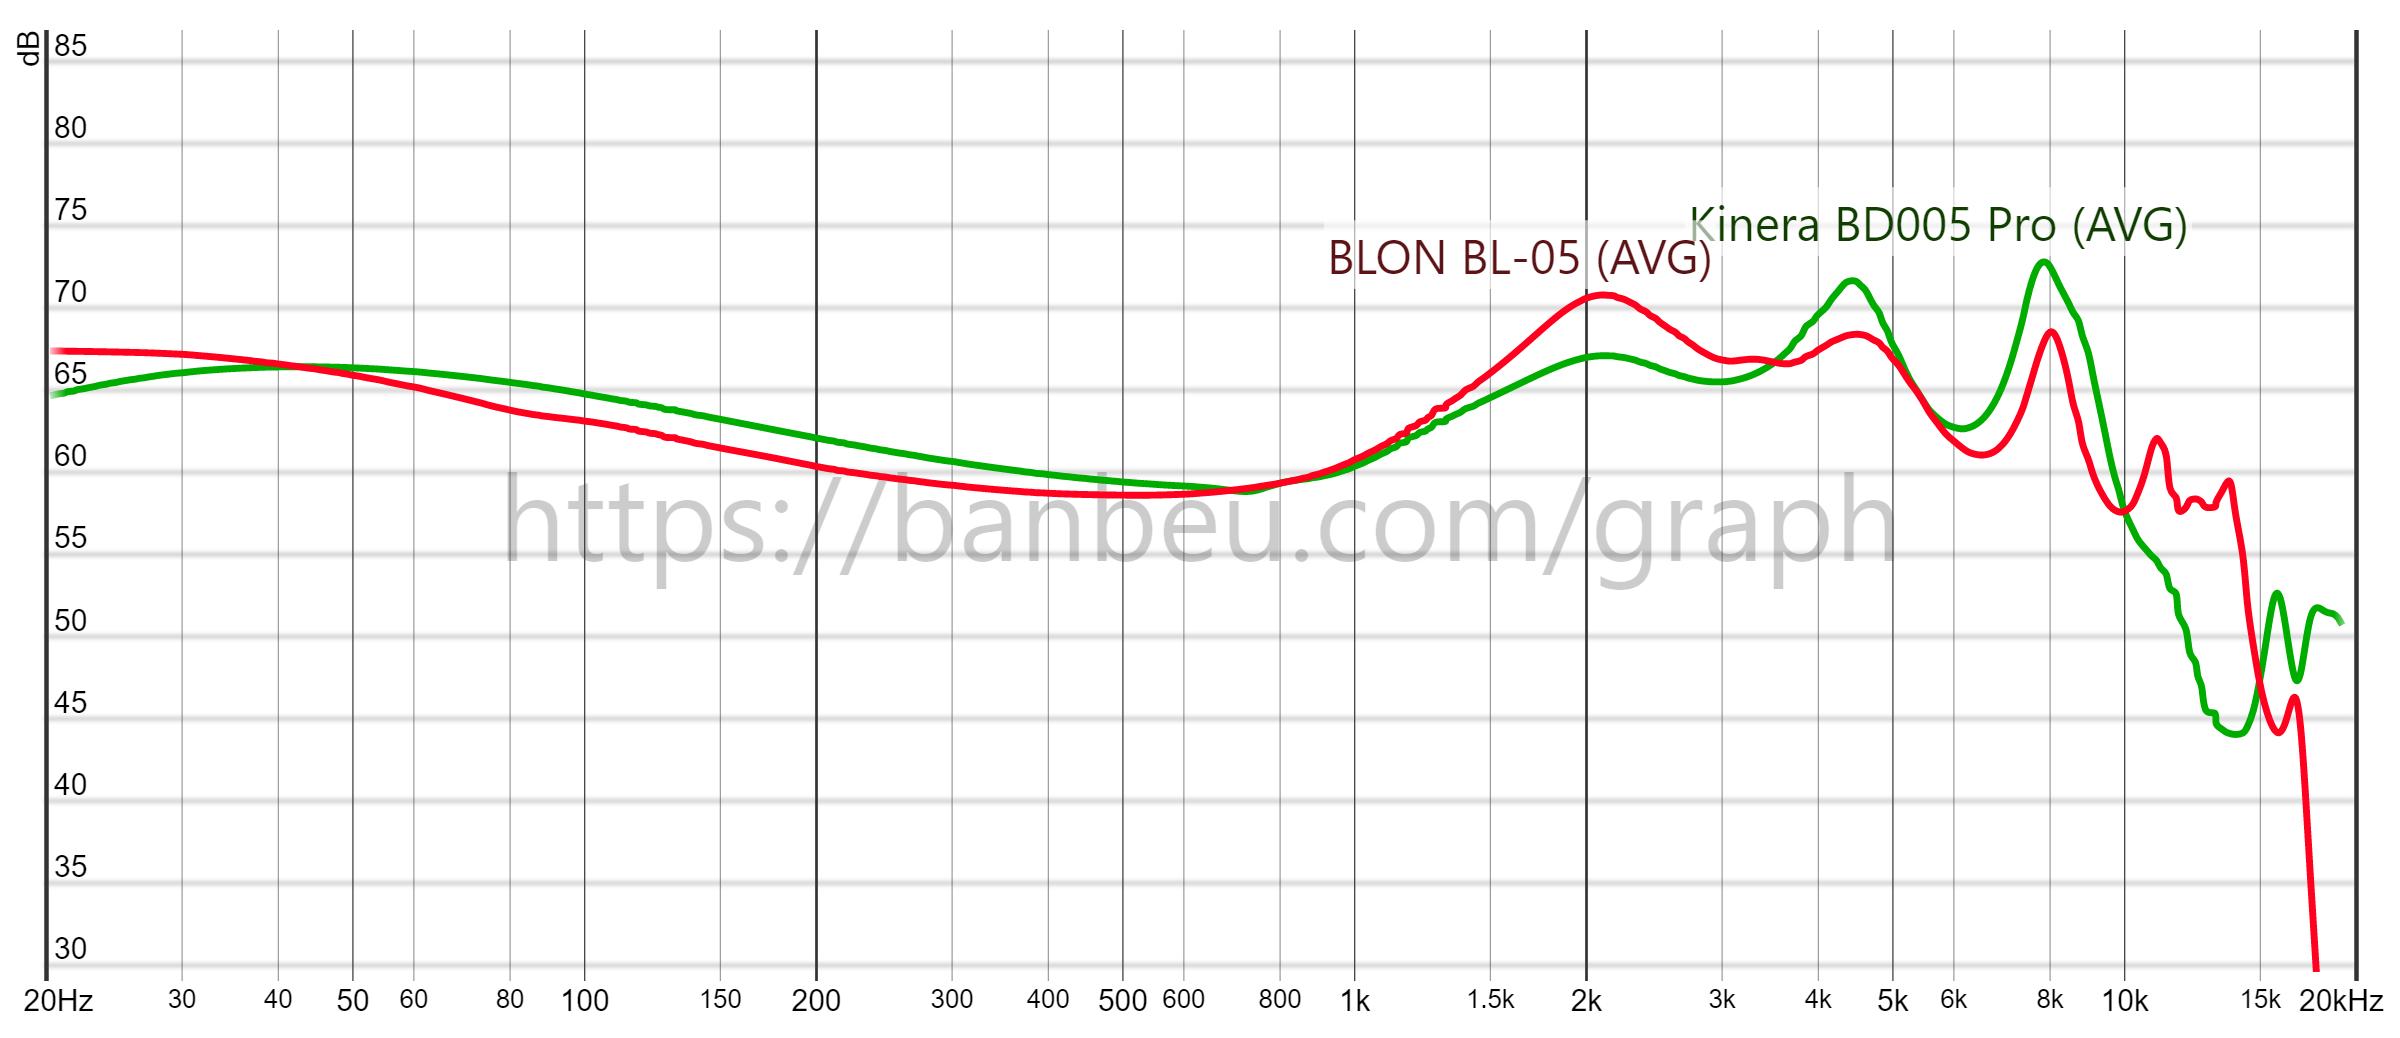 Kinera BD005 Pro vs BLON BL-05